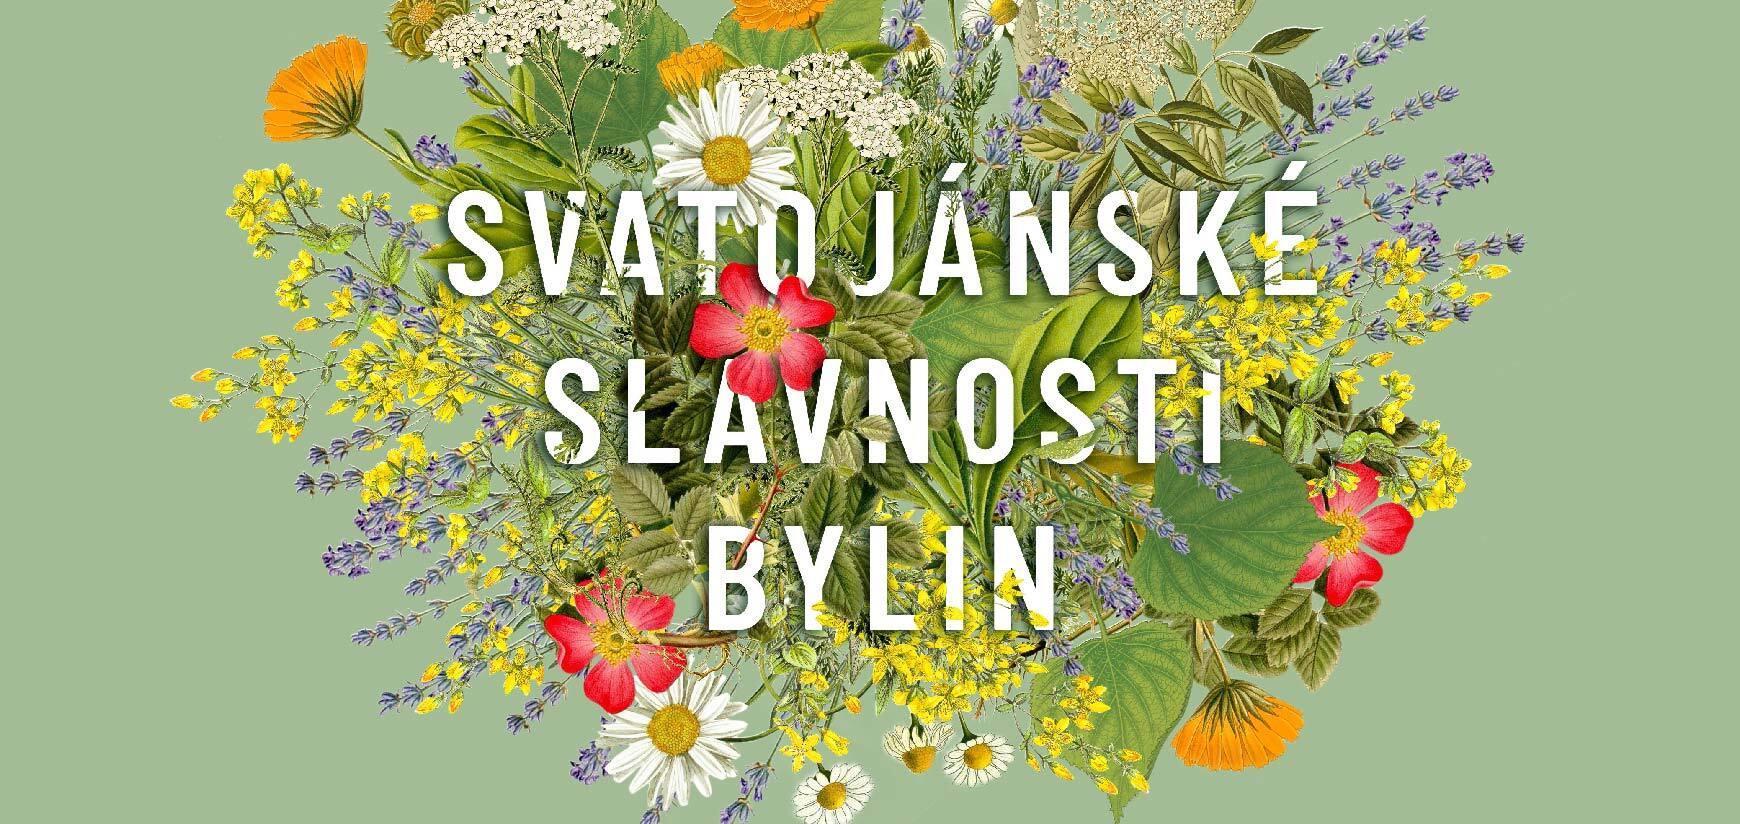 Svatojánské slavnosti bylin - přírodní kosmetika Nobilis Tilia